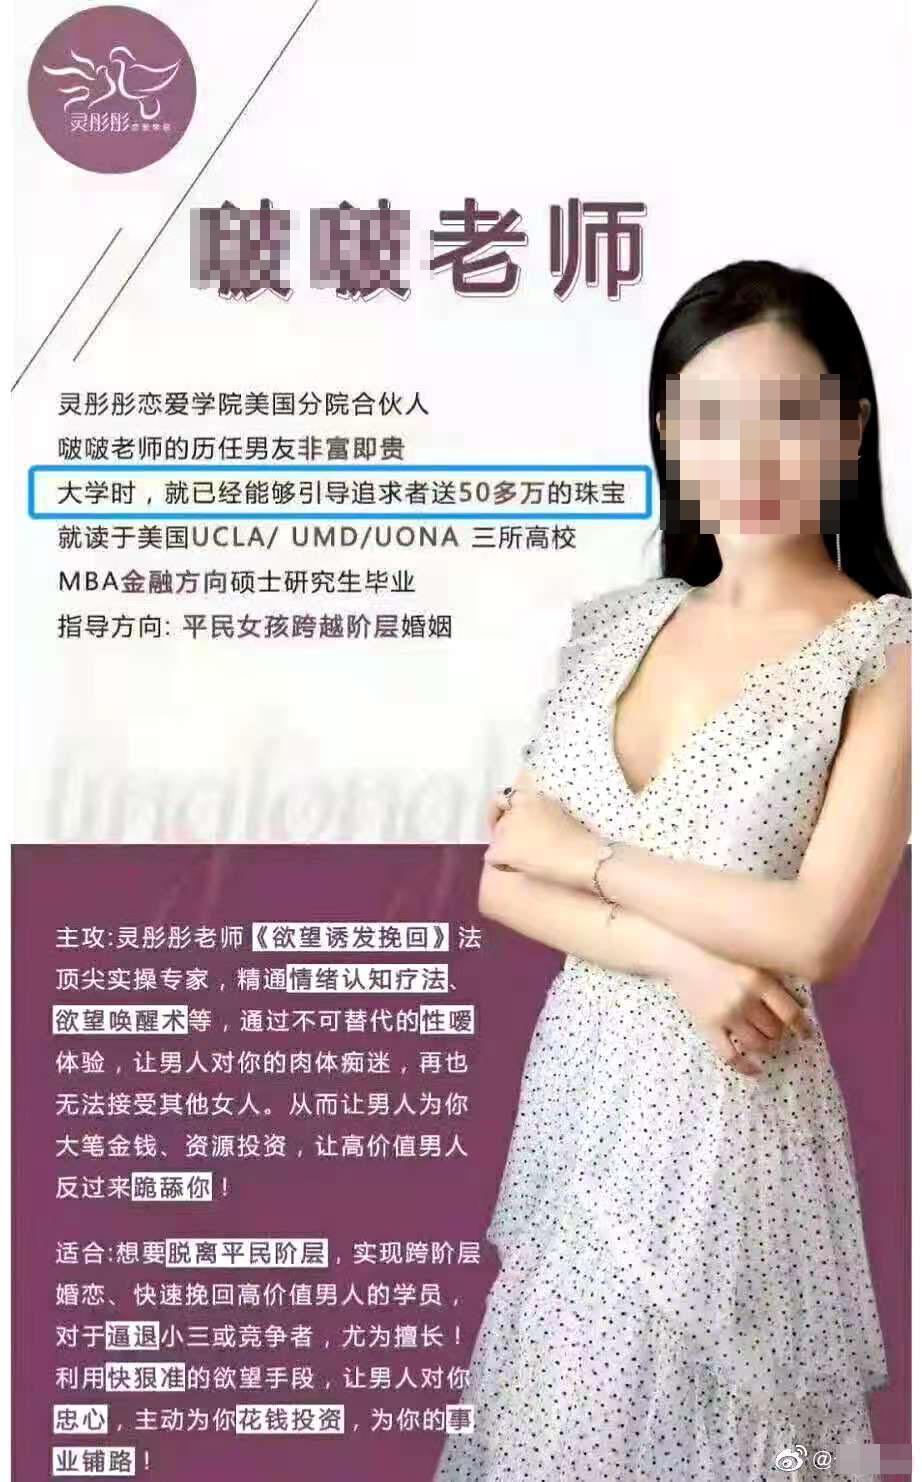 在社交网络广泛刷屏的婚姻家庭咨询师海报。